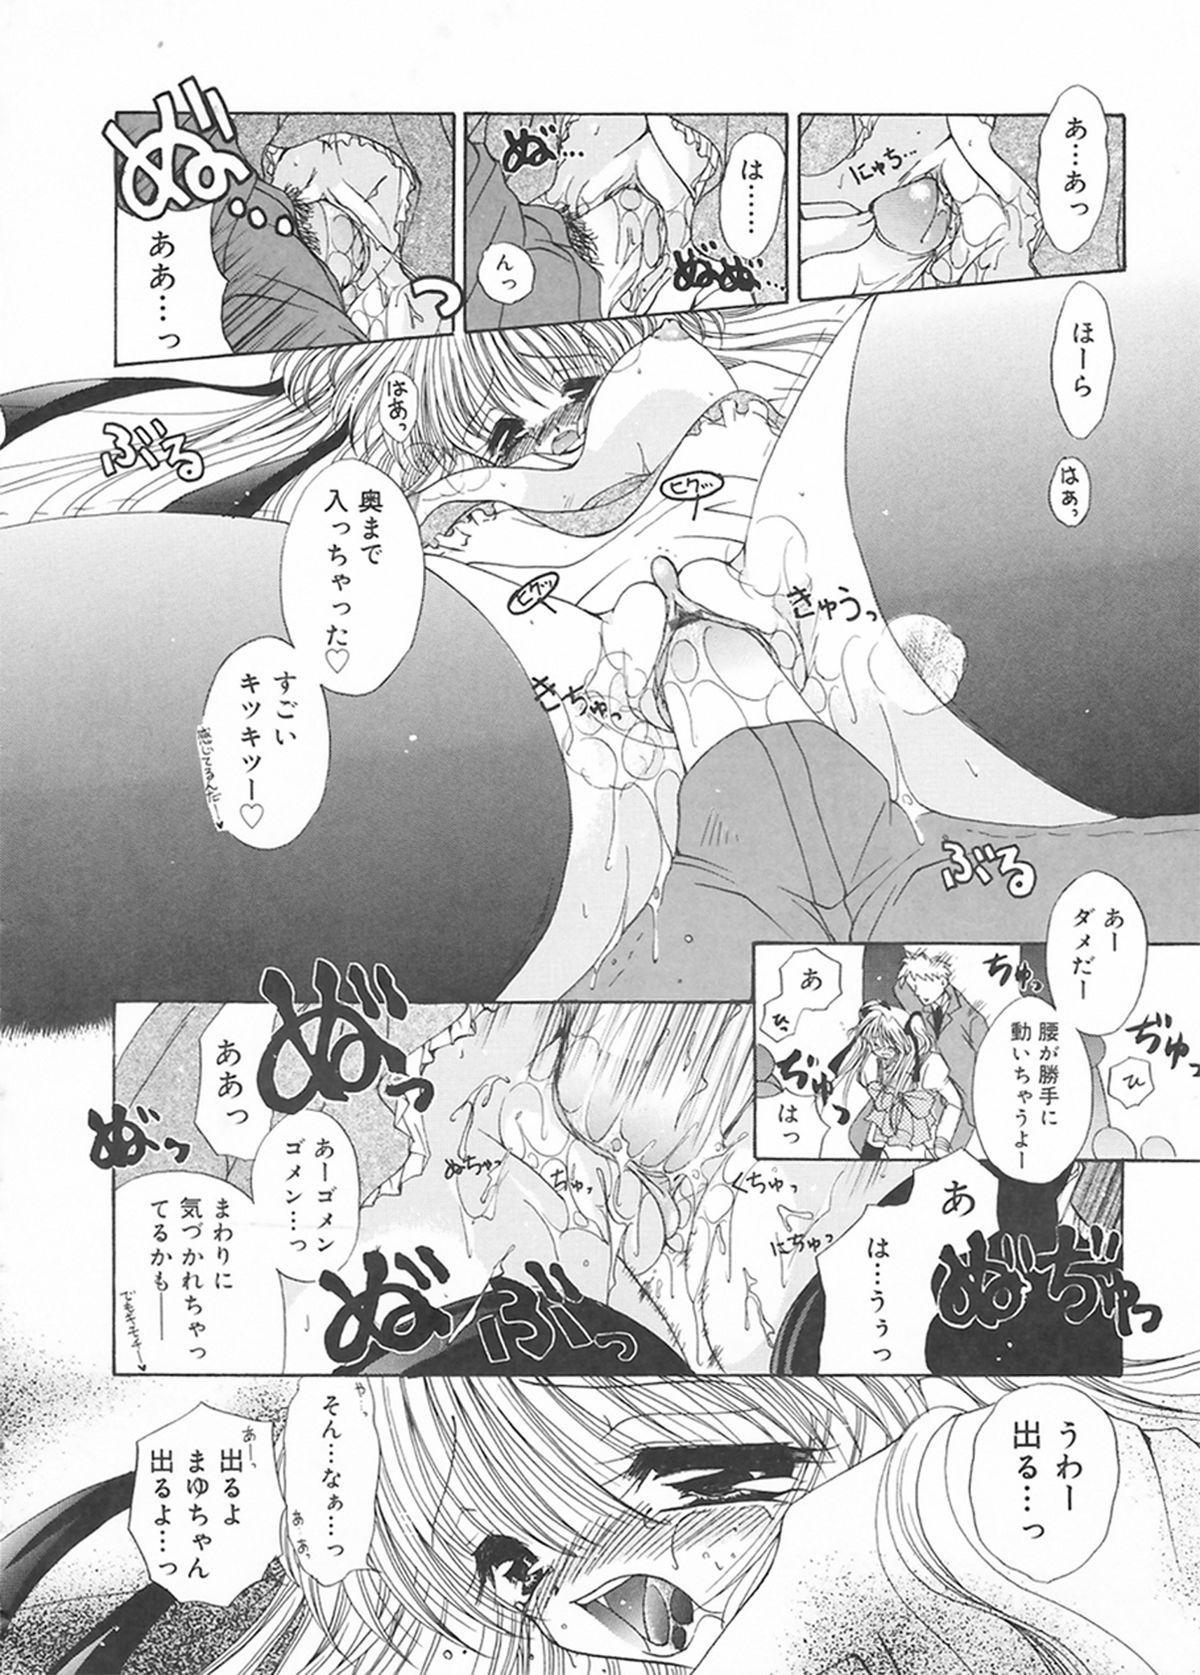 Cream Tengoku - Shinsouban 13